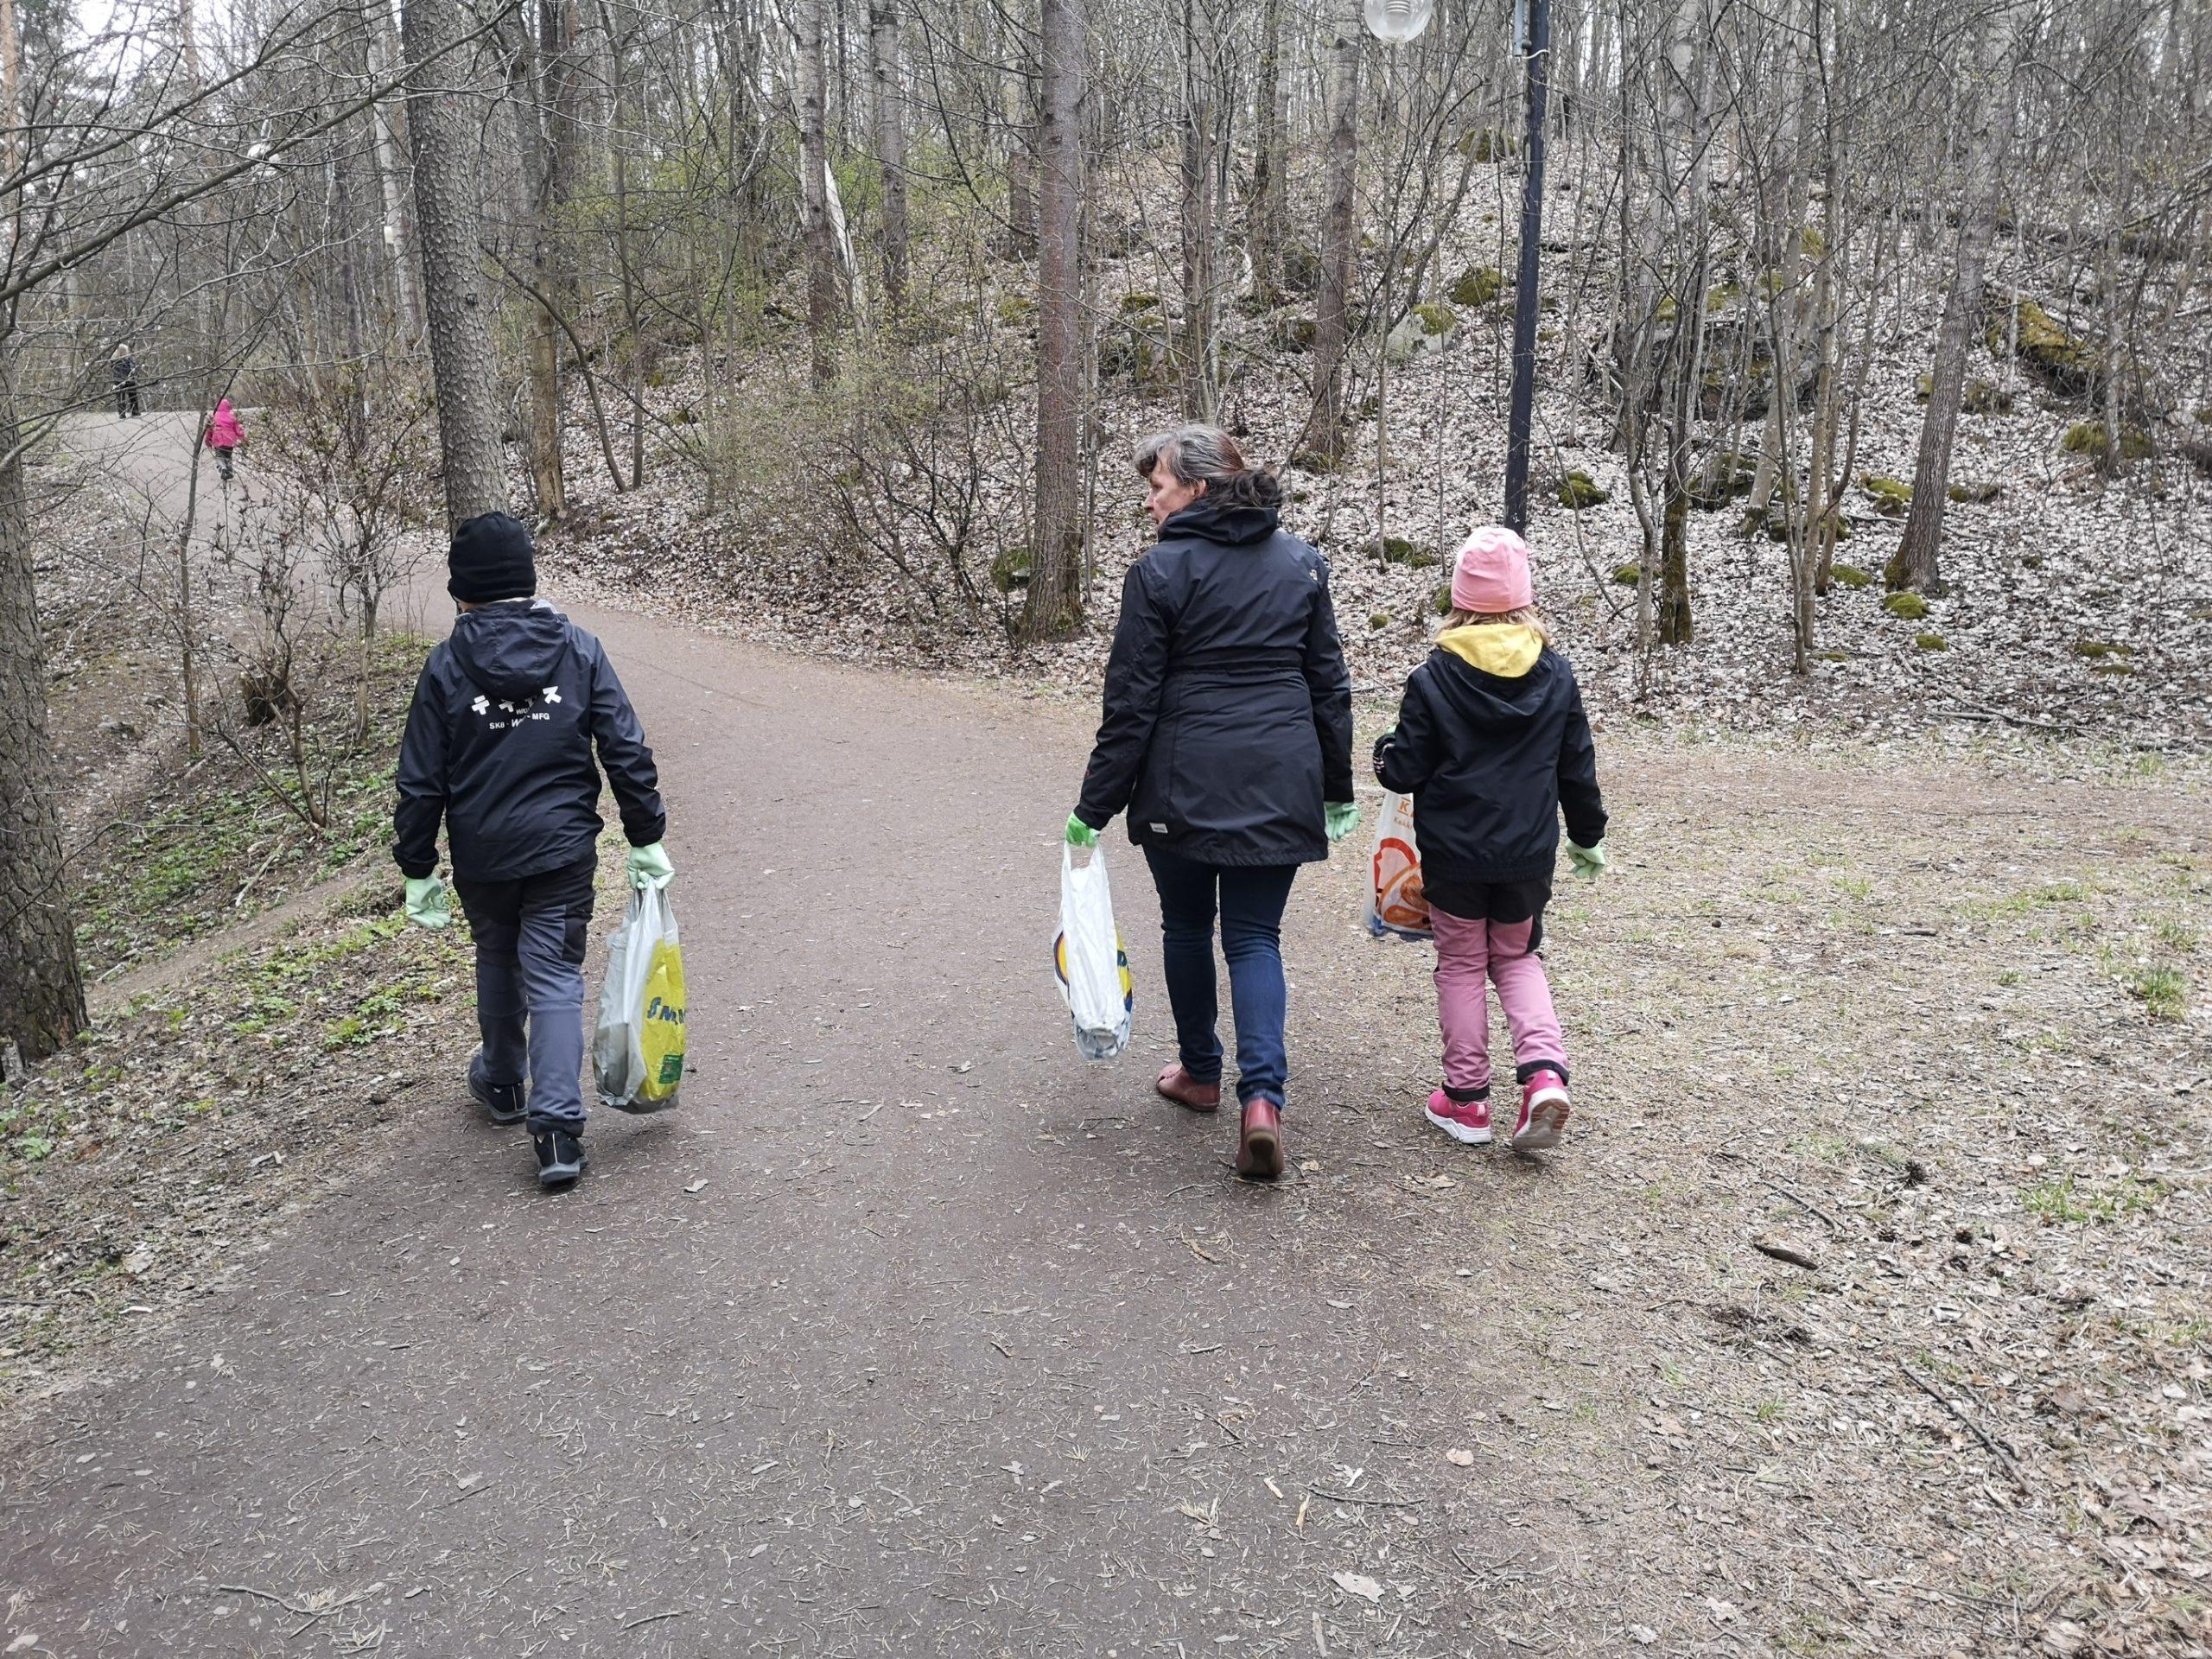 Kaksi lasta ja yksi aikuinen keräämässä roskia luontopolulla.